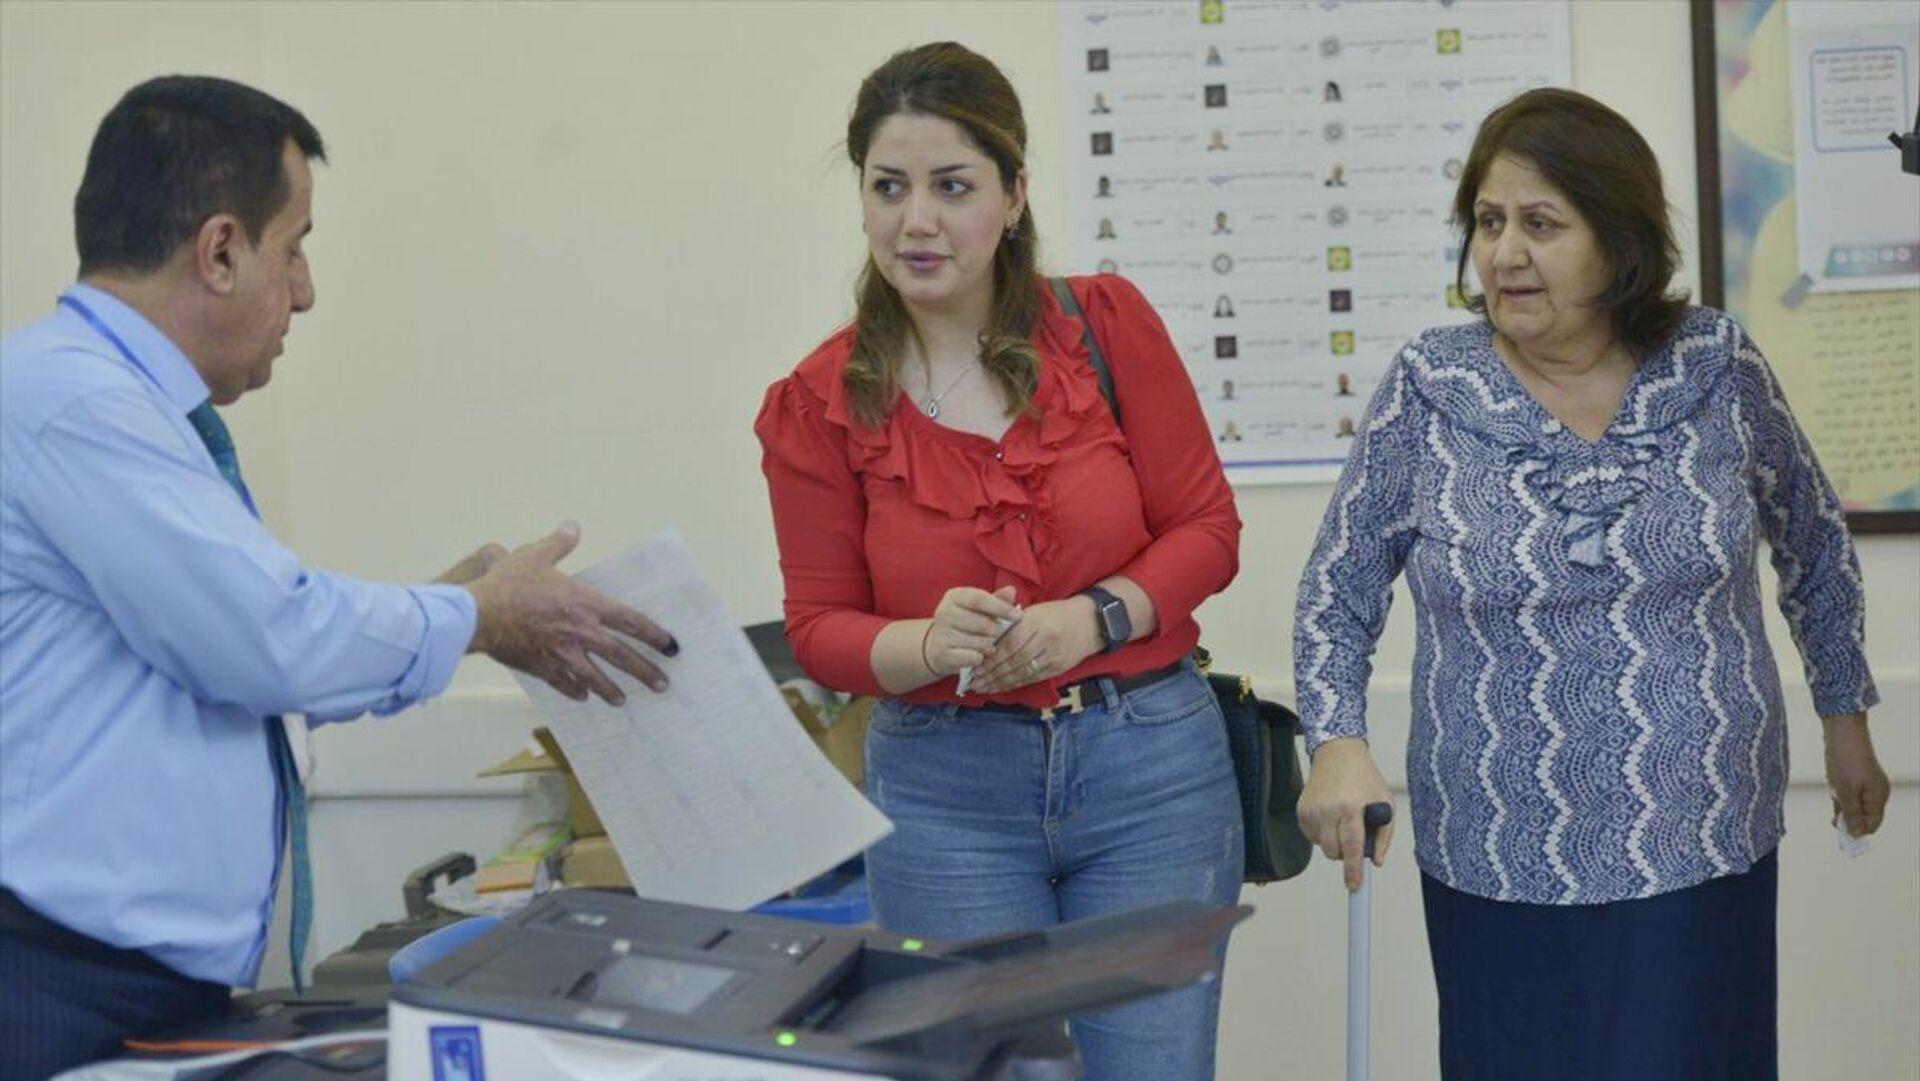 Irak'ta erken genel seçimler için oy verme işlemi devam ediyor - Sputnik Türkiye, 1920, 13.10.2021